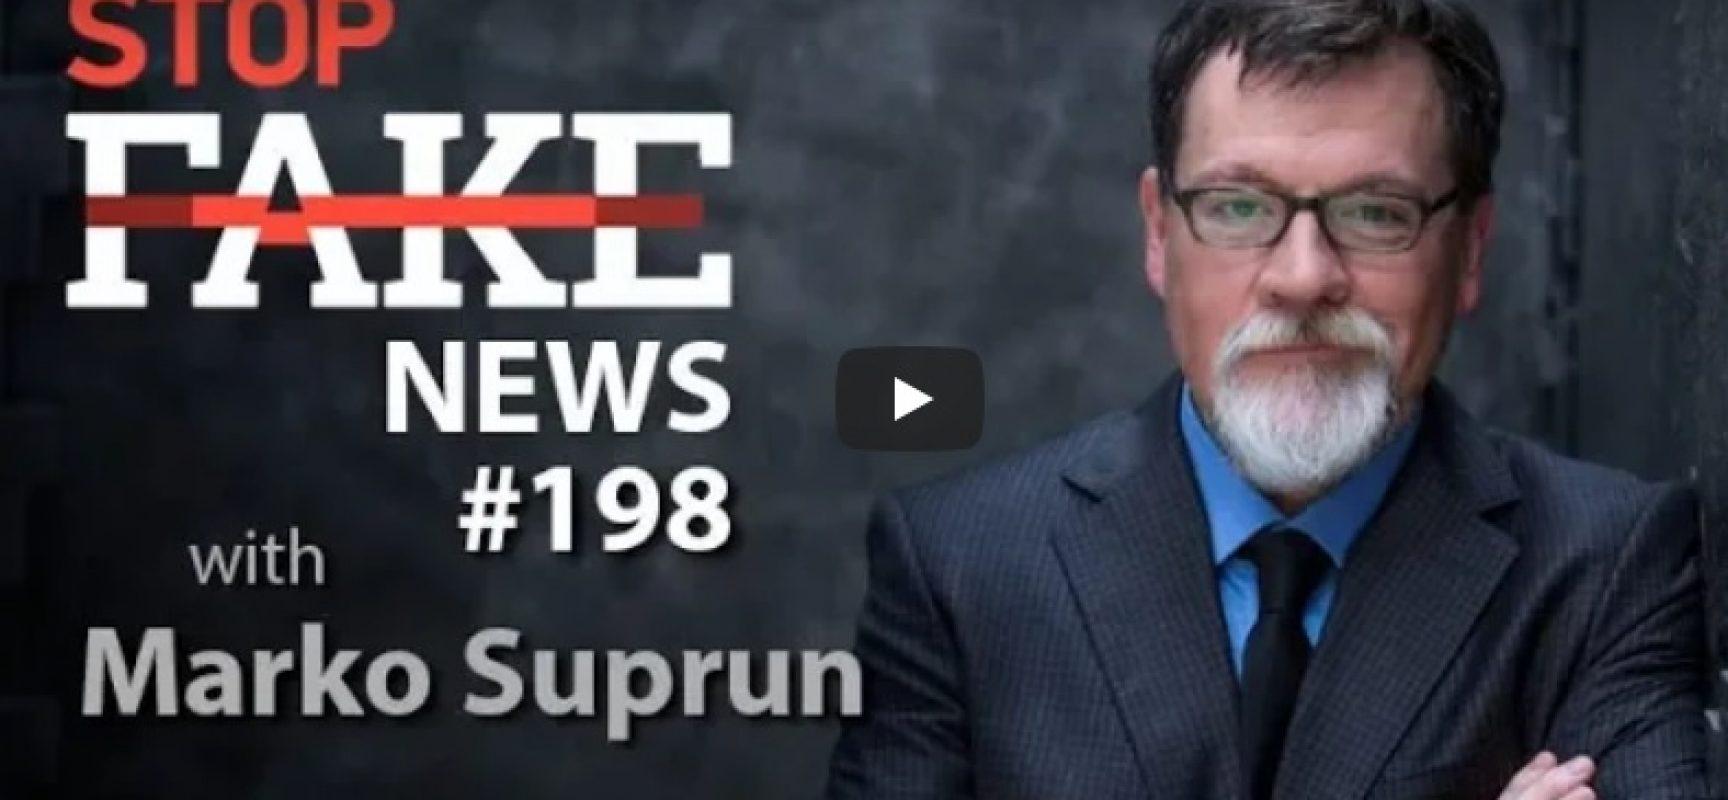 StopFake #198 [ENG] with Marko Suprun